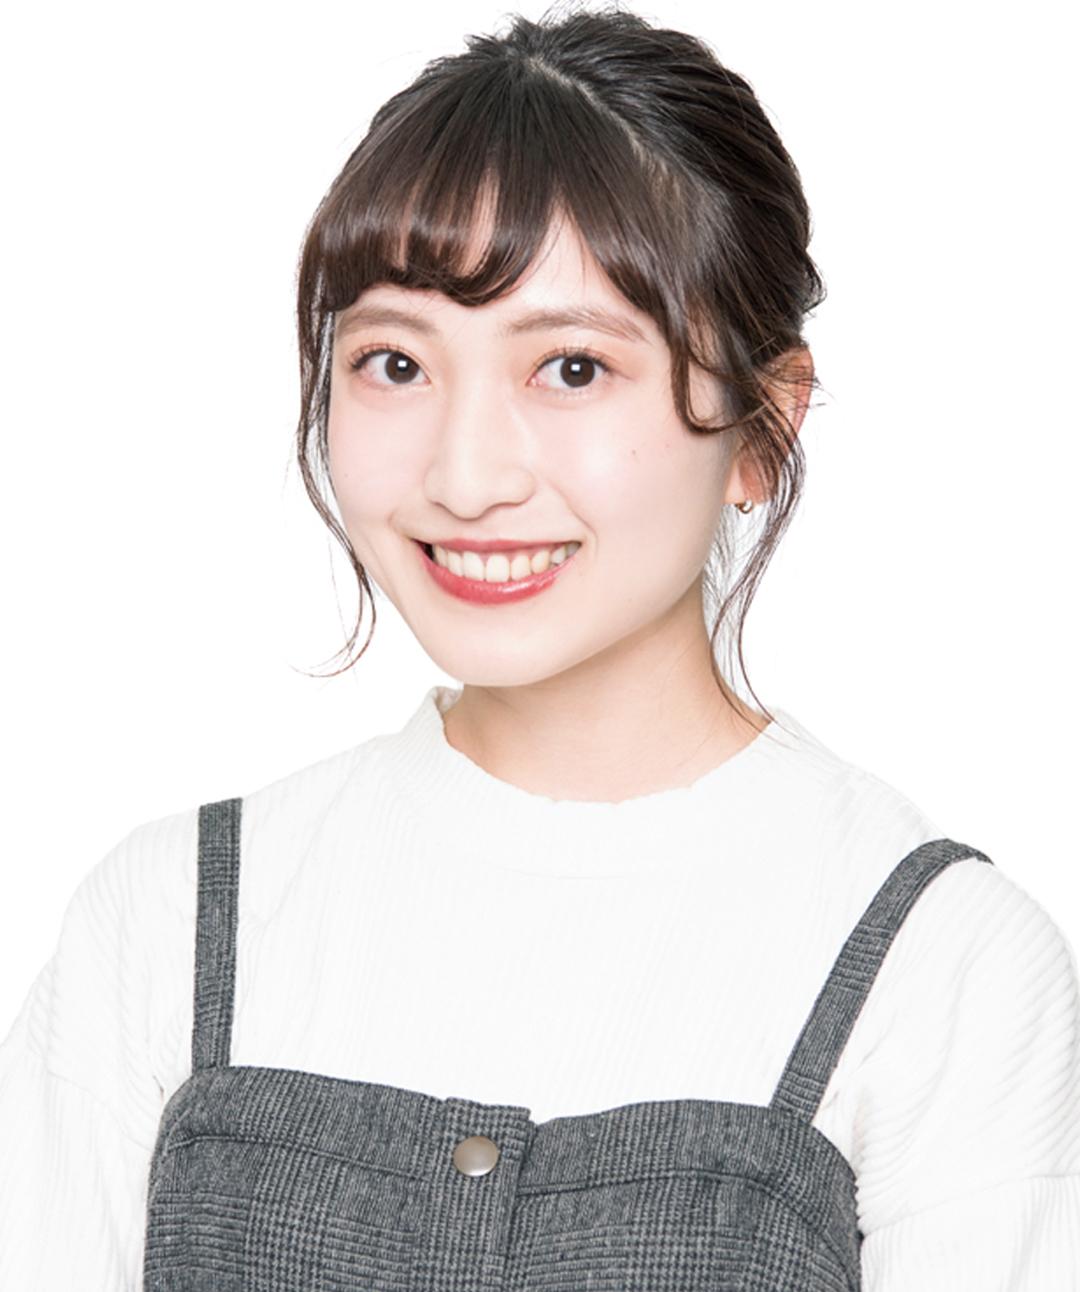 祝♡ 新加入! 5期生のブログをまとめてチェック【カワイイ選抜】_1_13-13